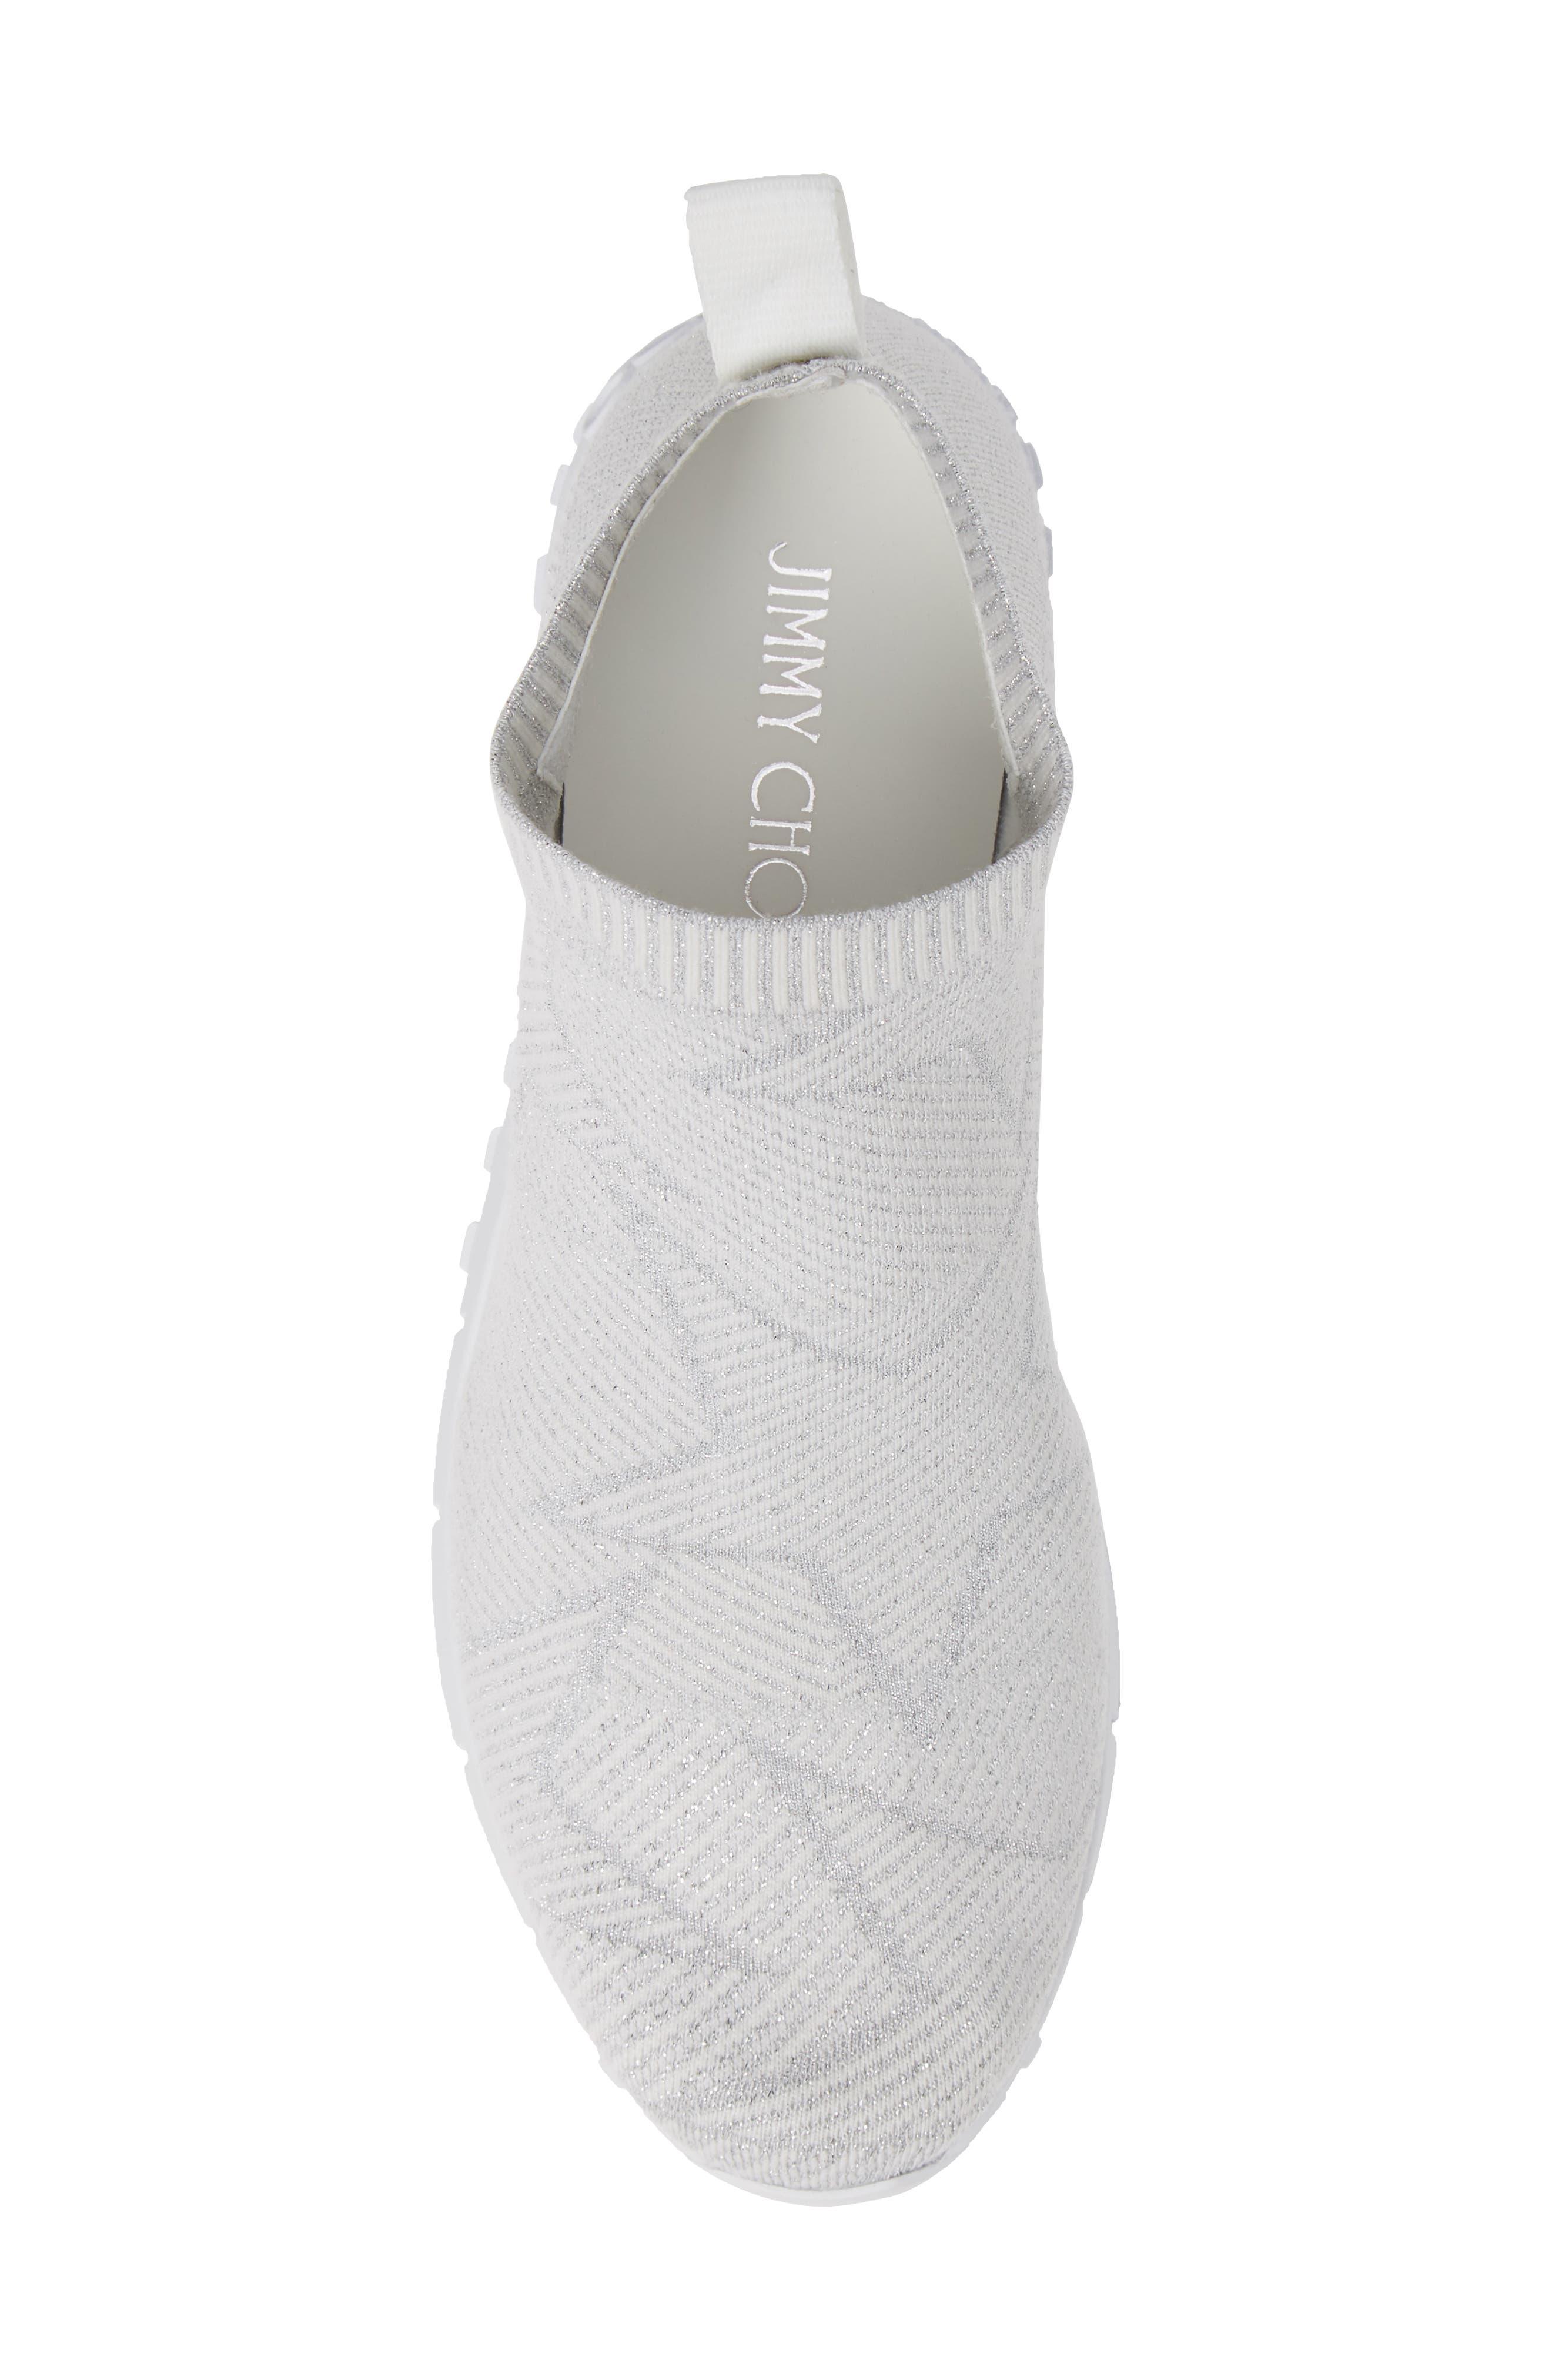 Norway Star Slip-On Sneaker,                             Alternate thumbnail 5, color,                             WHITE